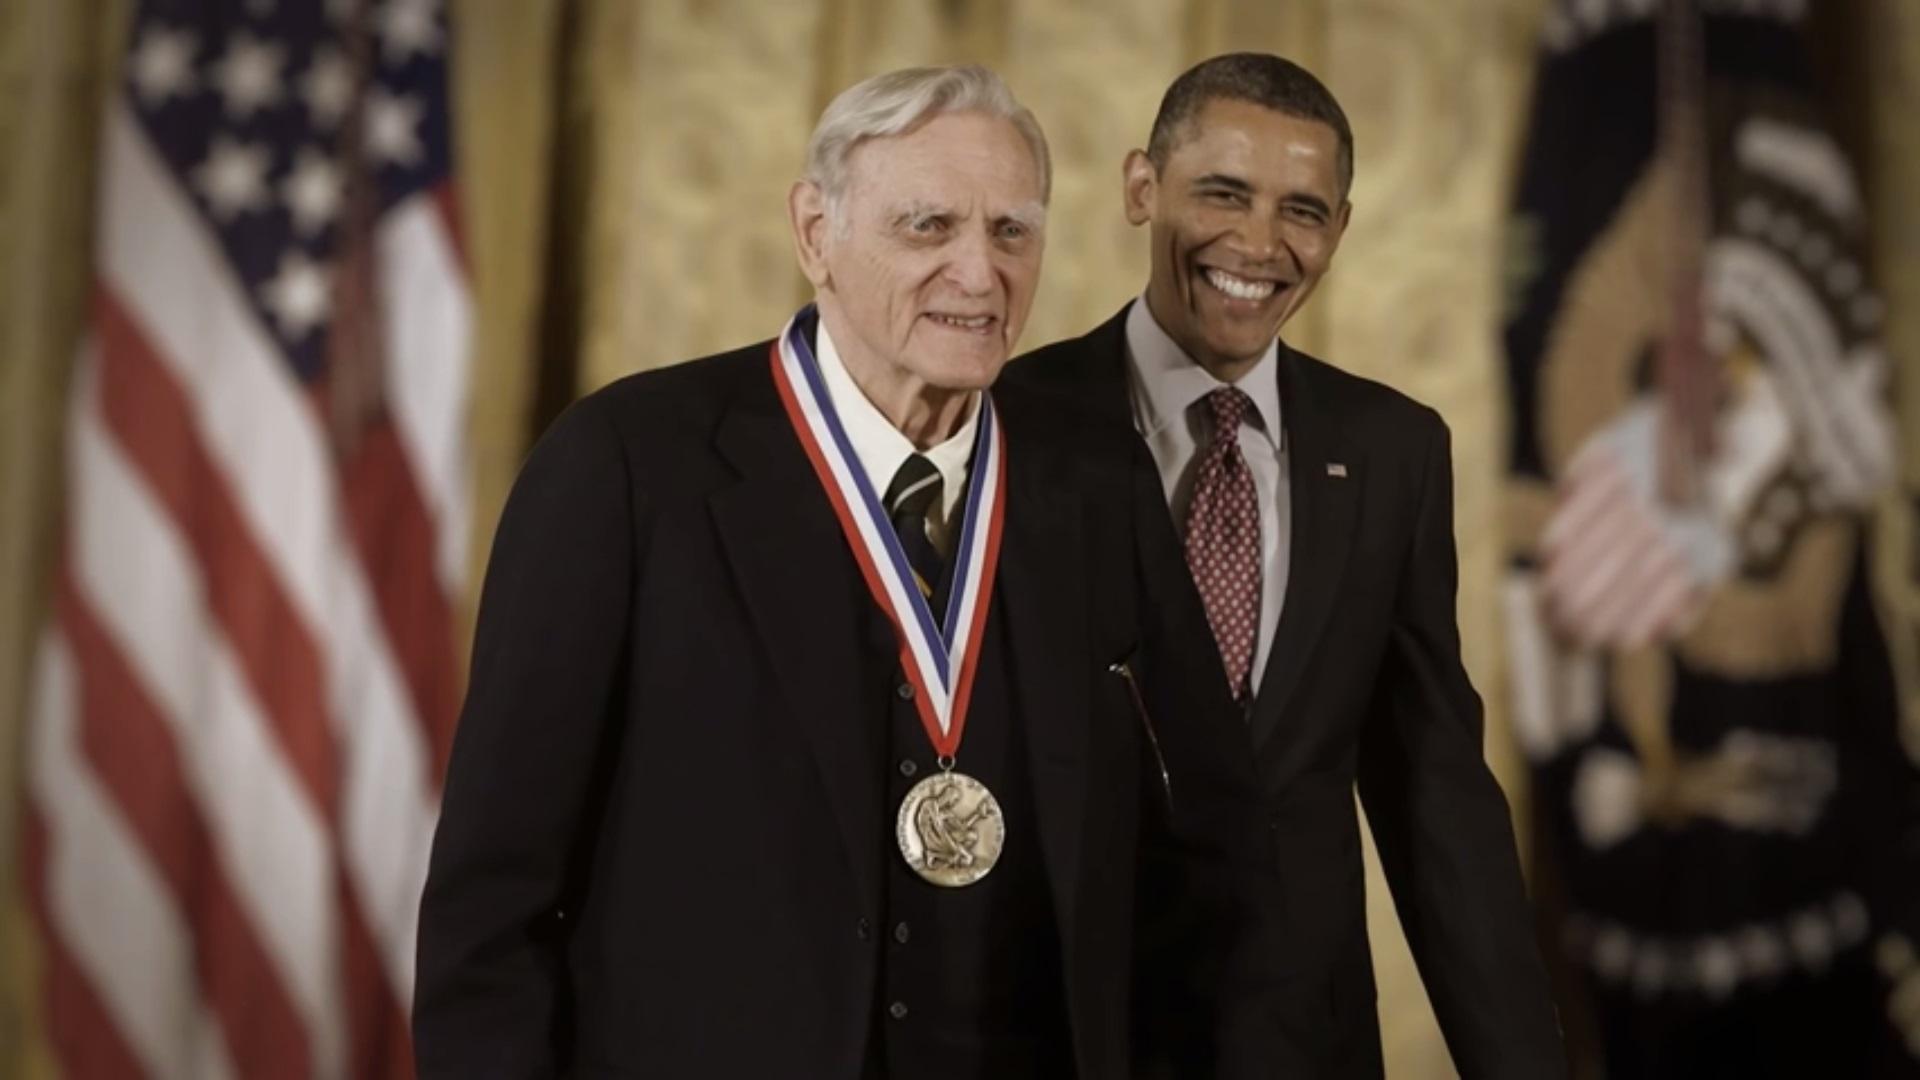 Obama mu je uručio odlikovanje 2013.